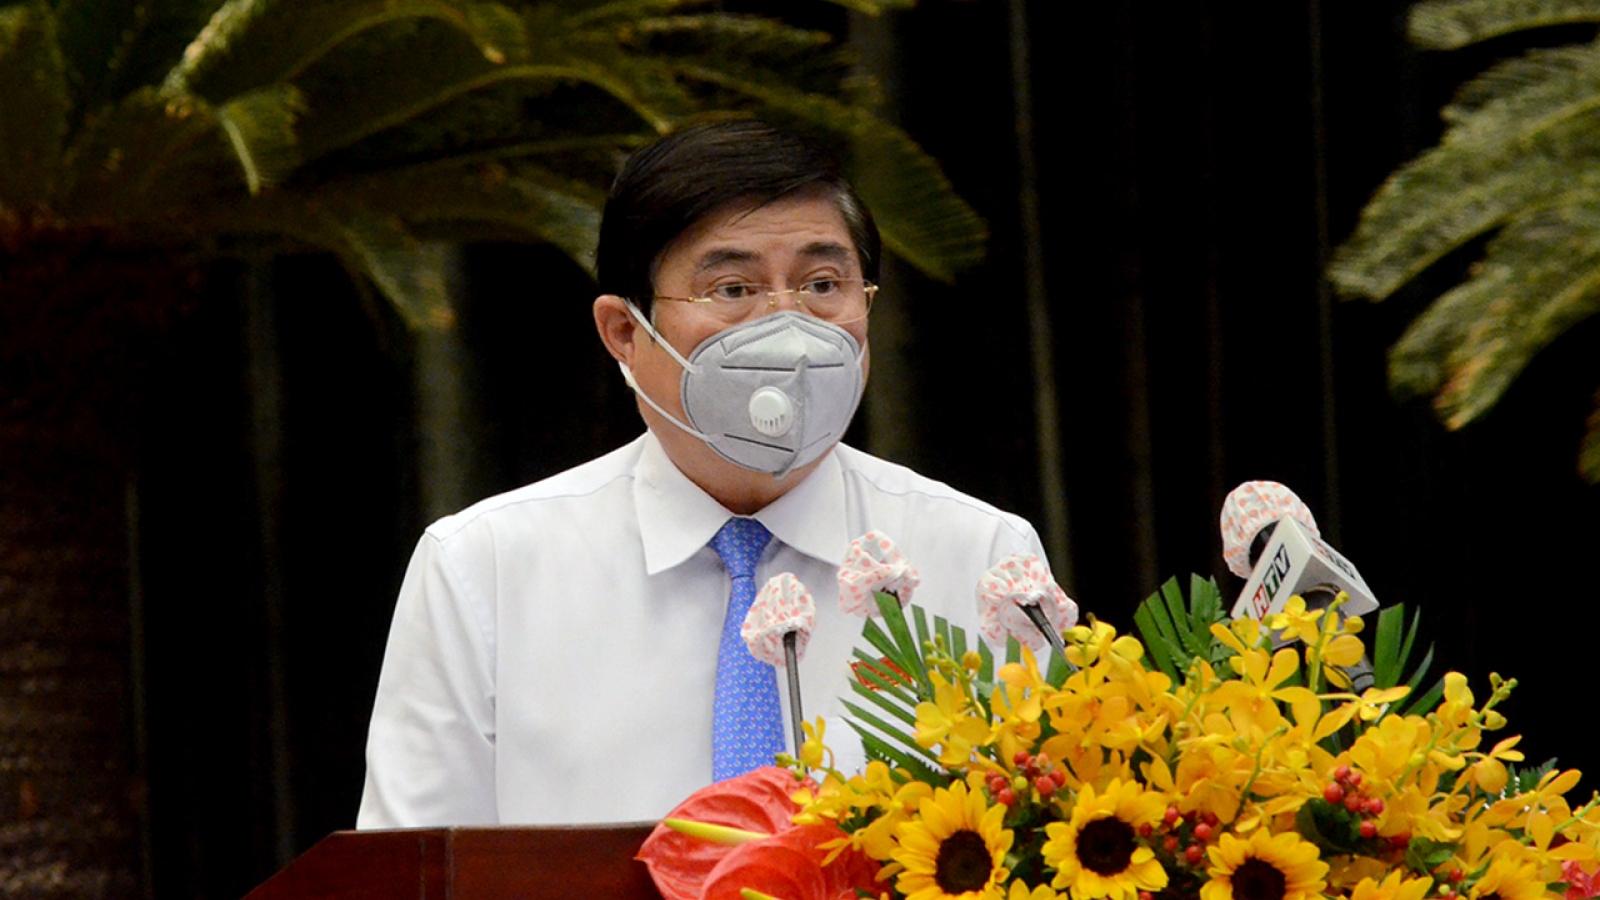 Ông Nguyễn Thành Phong tái đắc cử Chủ tịch UBND TP.HCM